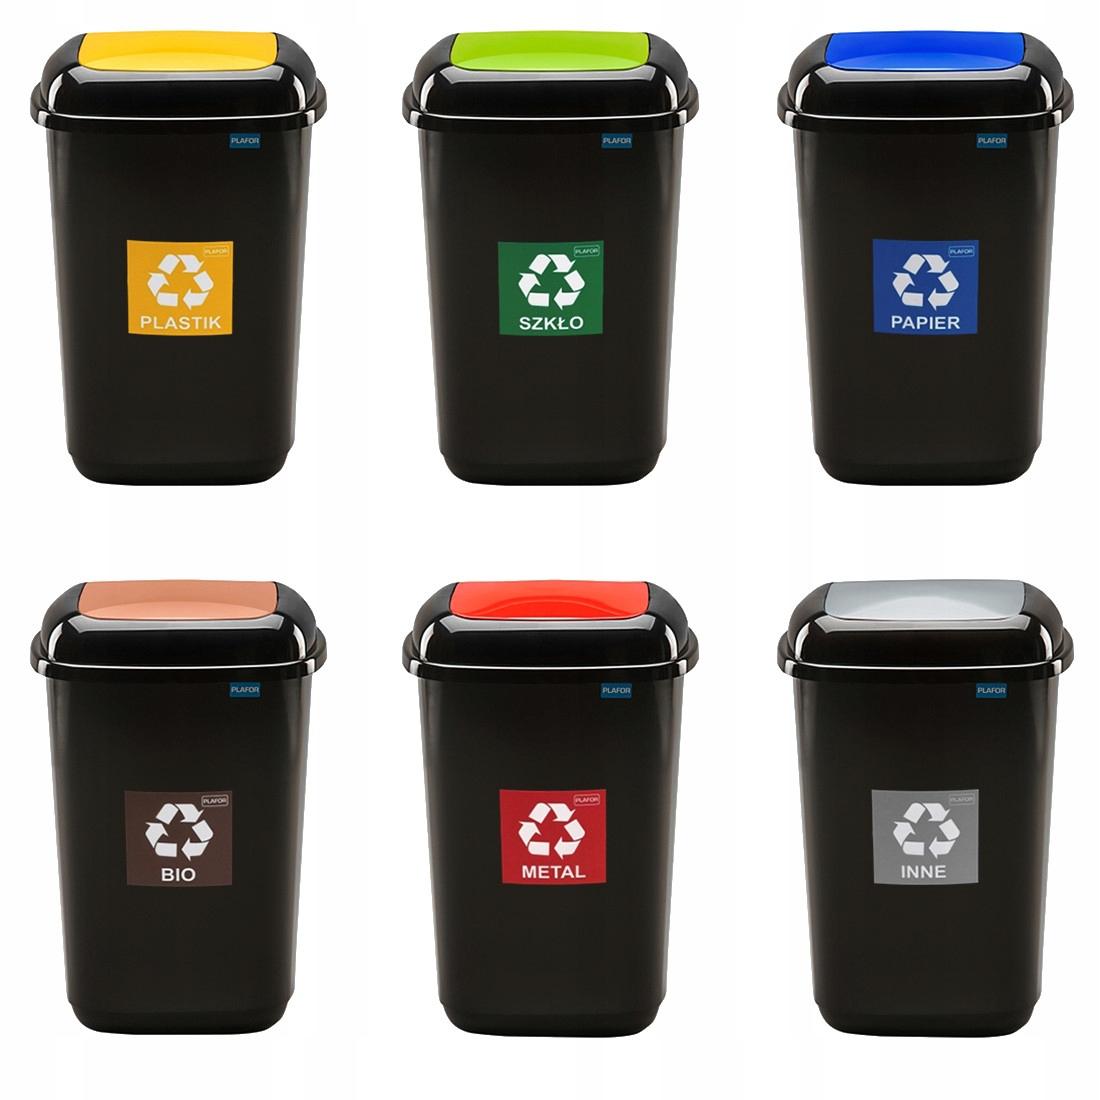 Pojemnik do segragacji odpadów kosz na śmieci 12l